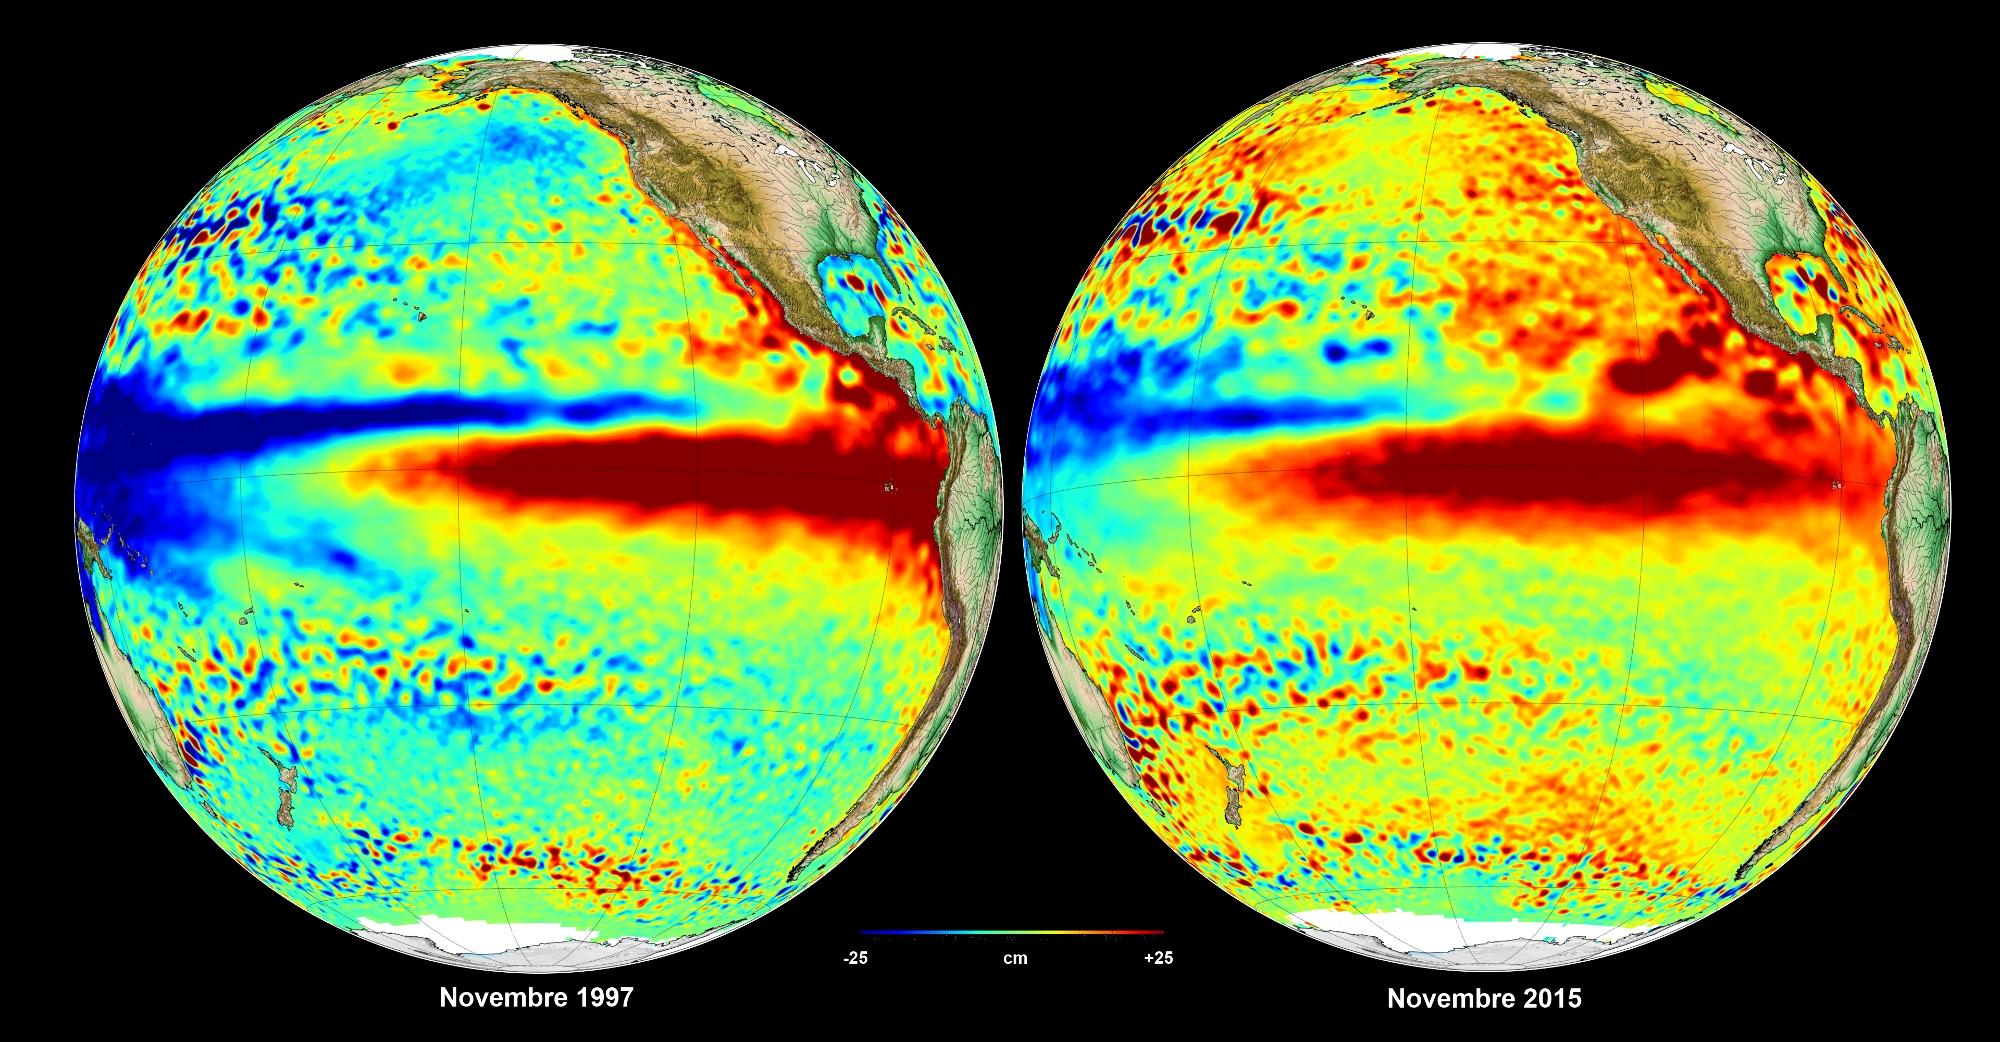 Cnes El Ni 241 O Satellites See Red